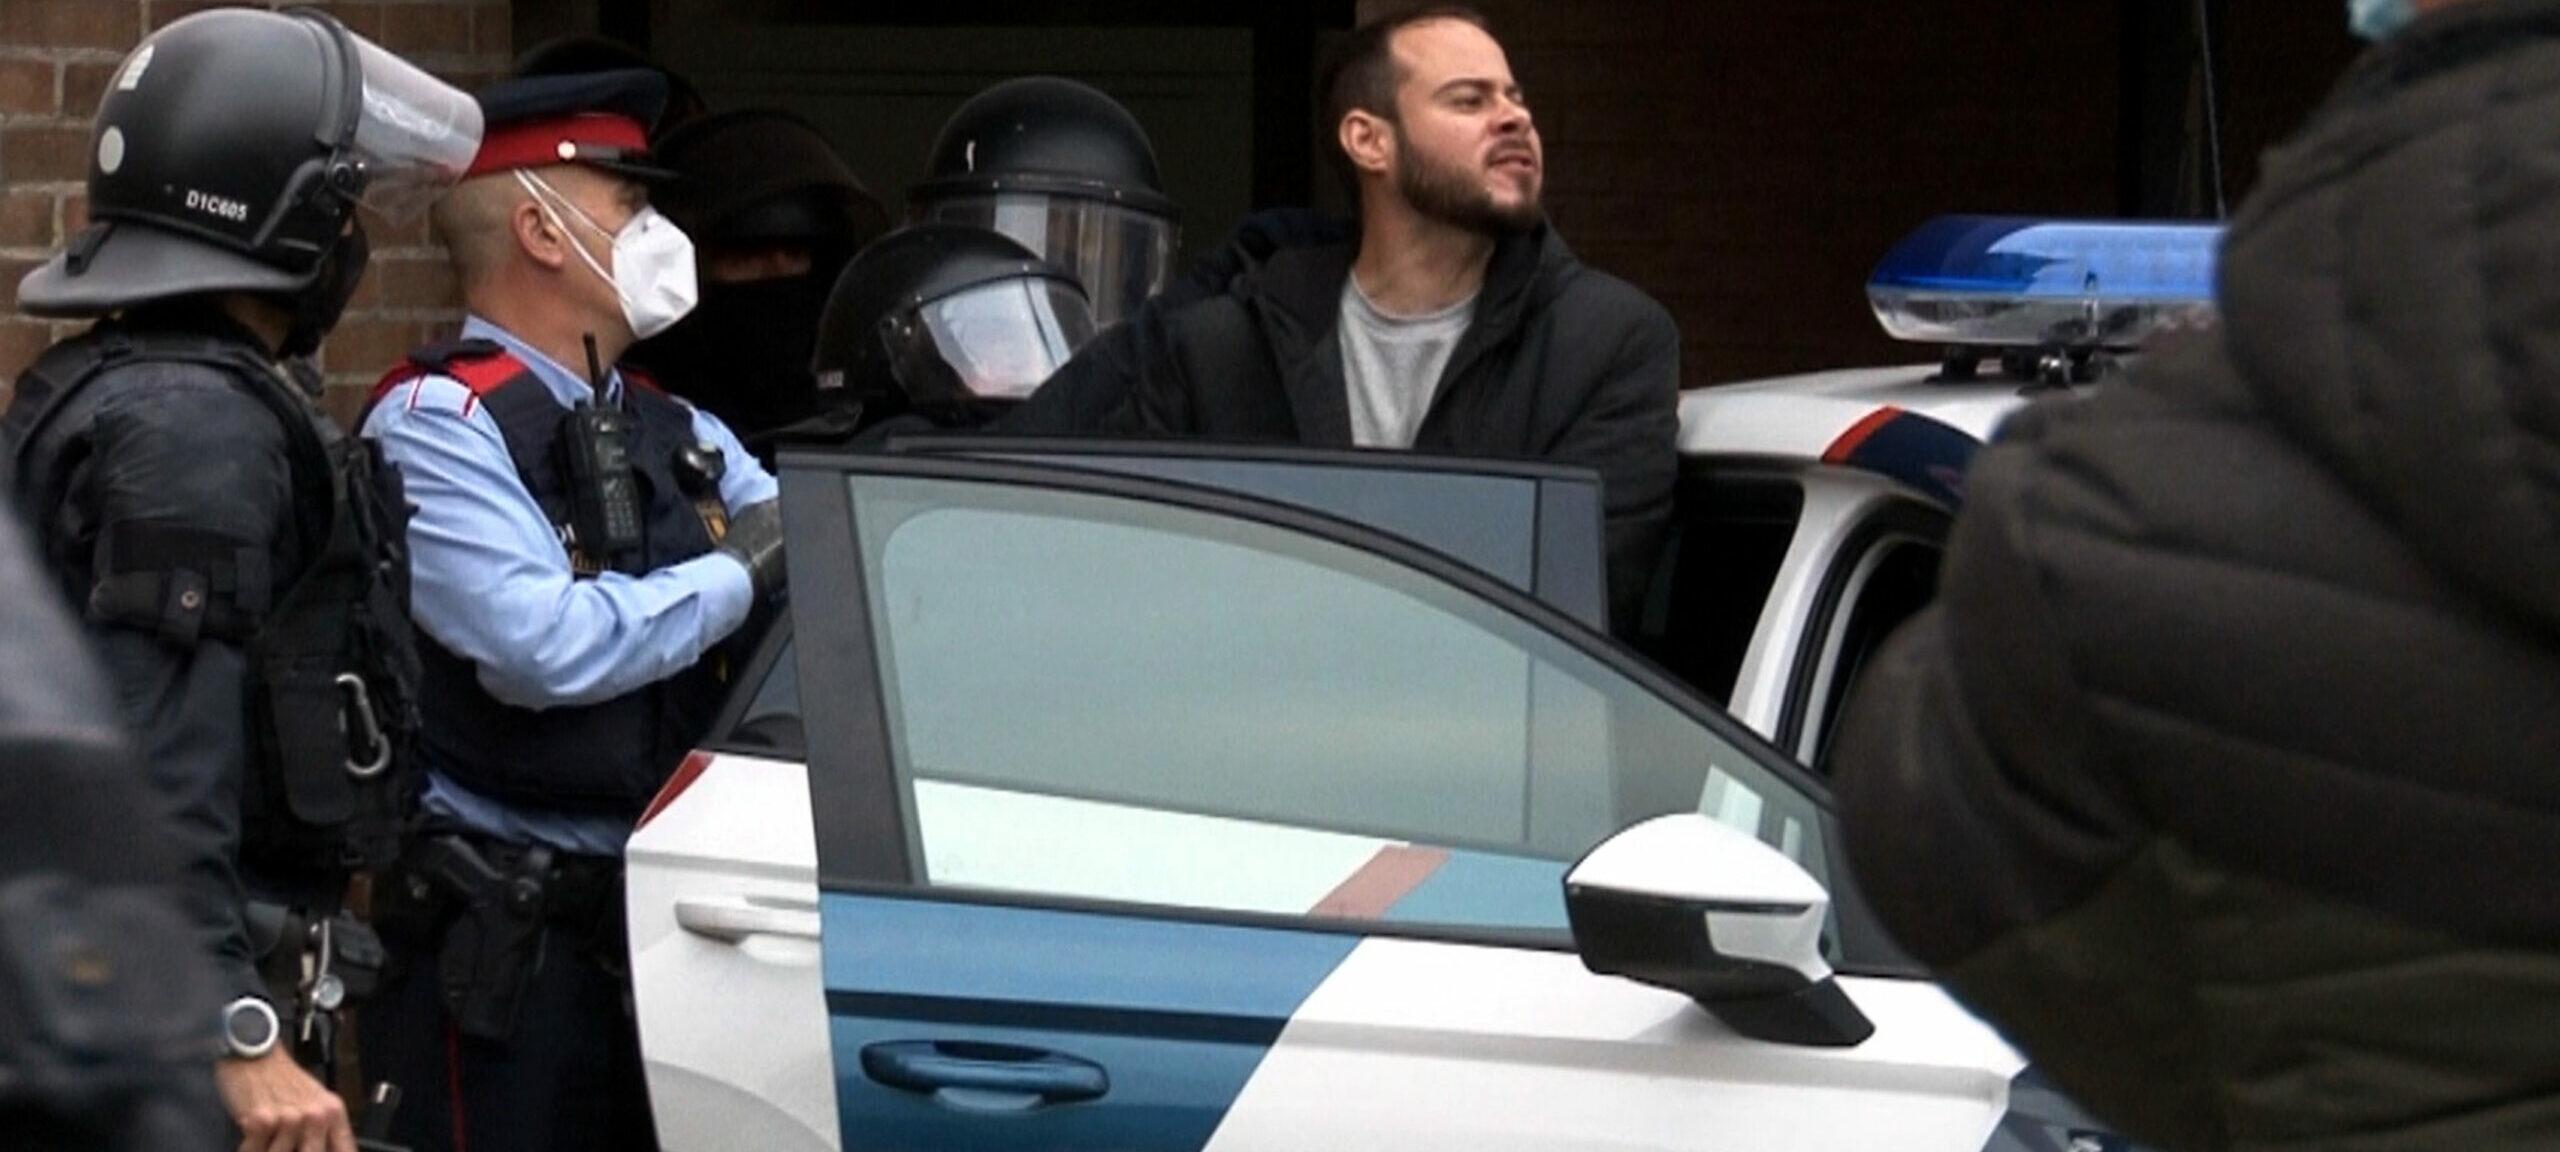 Moment en què els Mossos d'Esquadra s'emporten detingut el repaer Pablo Hasel | ACN